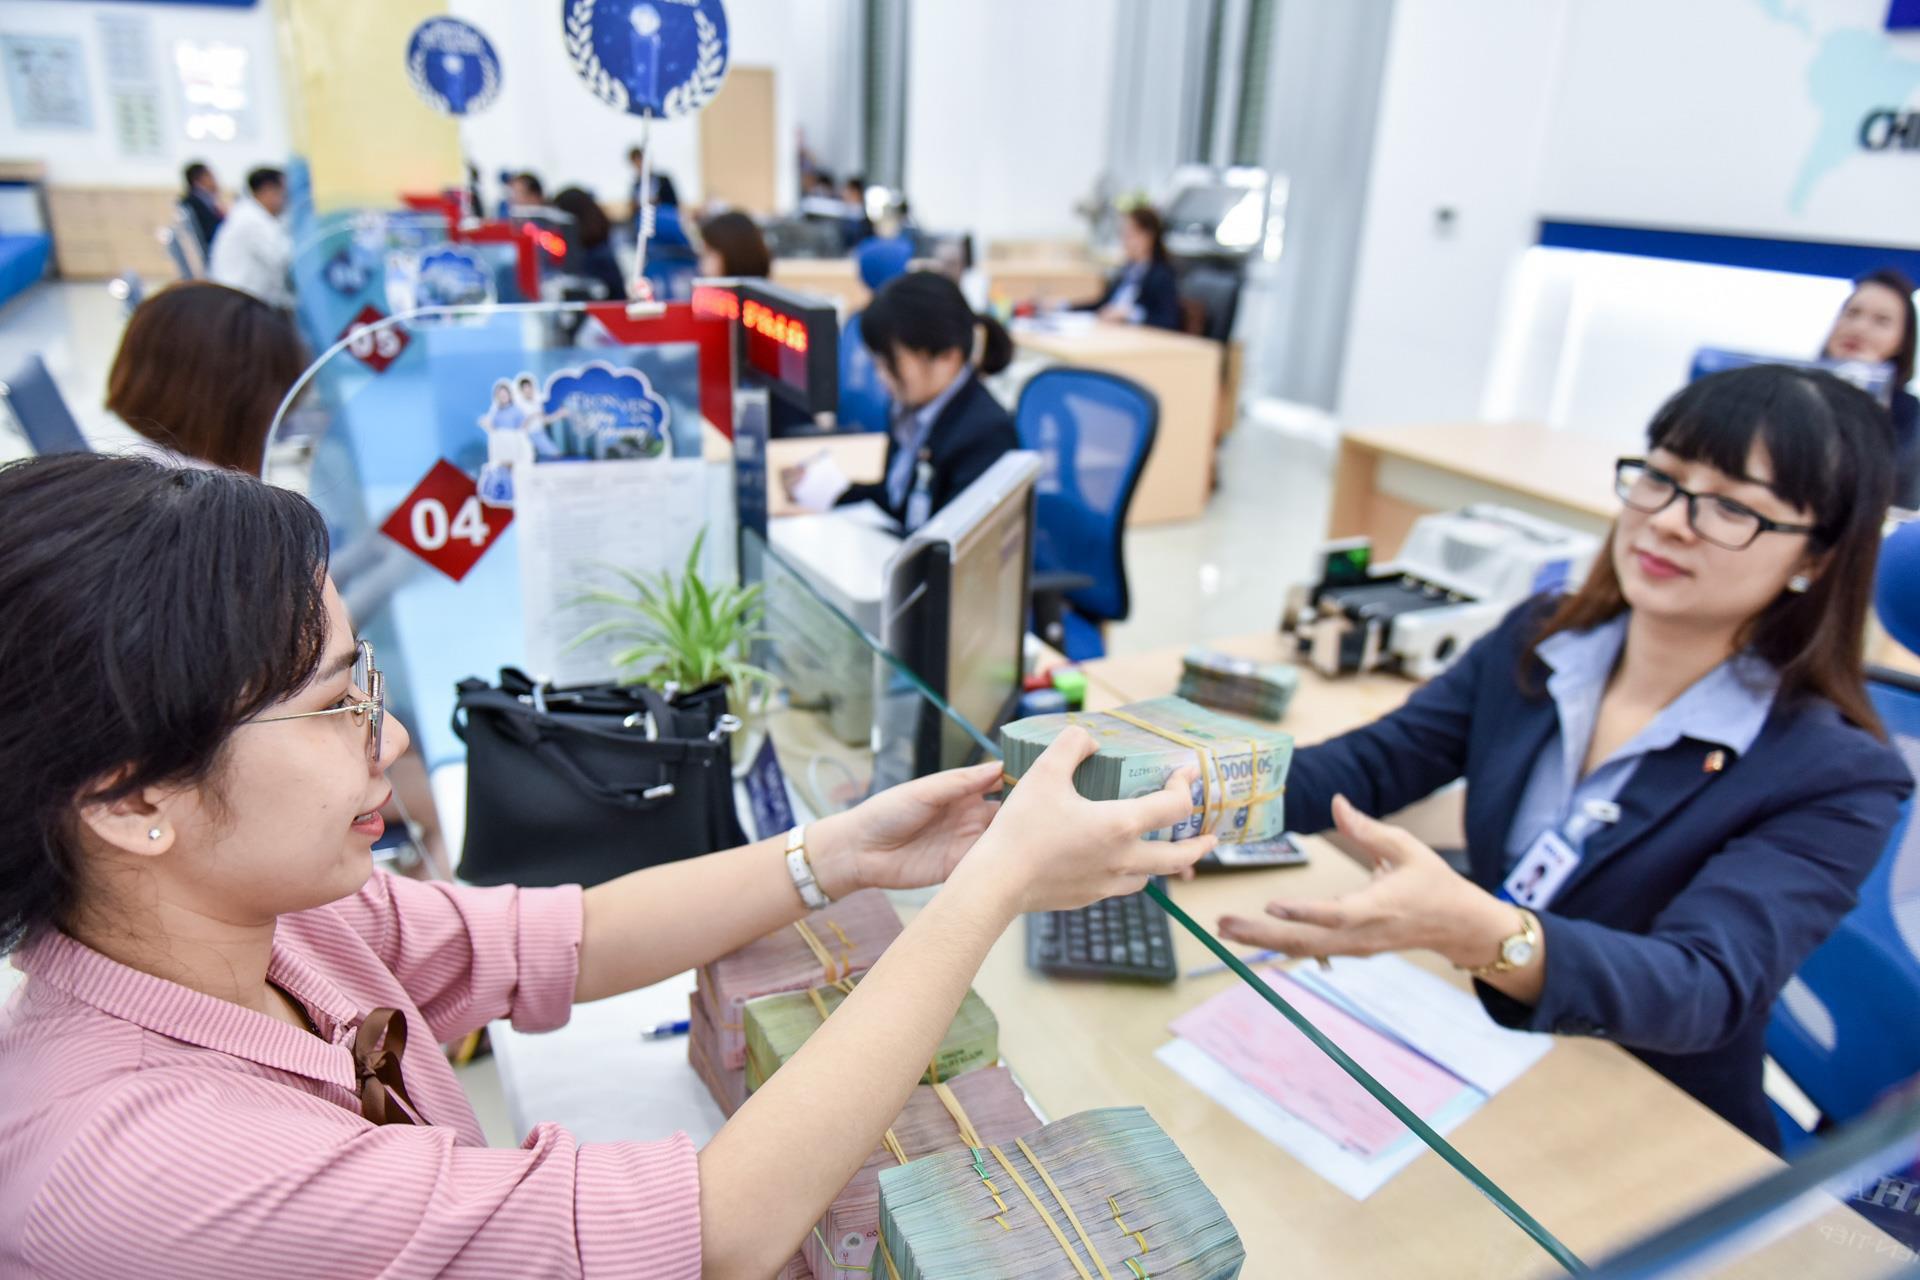 Ngân hàng Nhà nước Việt Nam vừa tung gói tín dụng 285.000 tỷ VNĐ để đối phó với COVID-19. Ảnh: Zing.